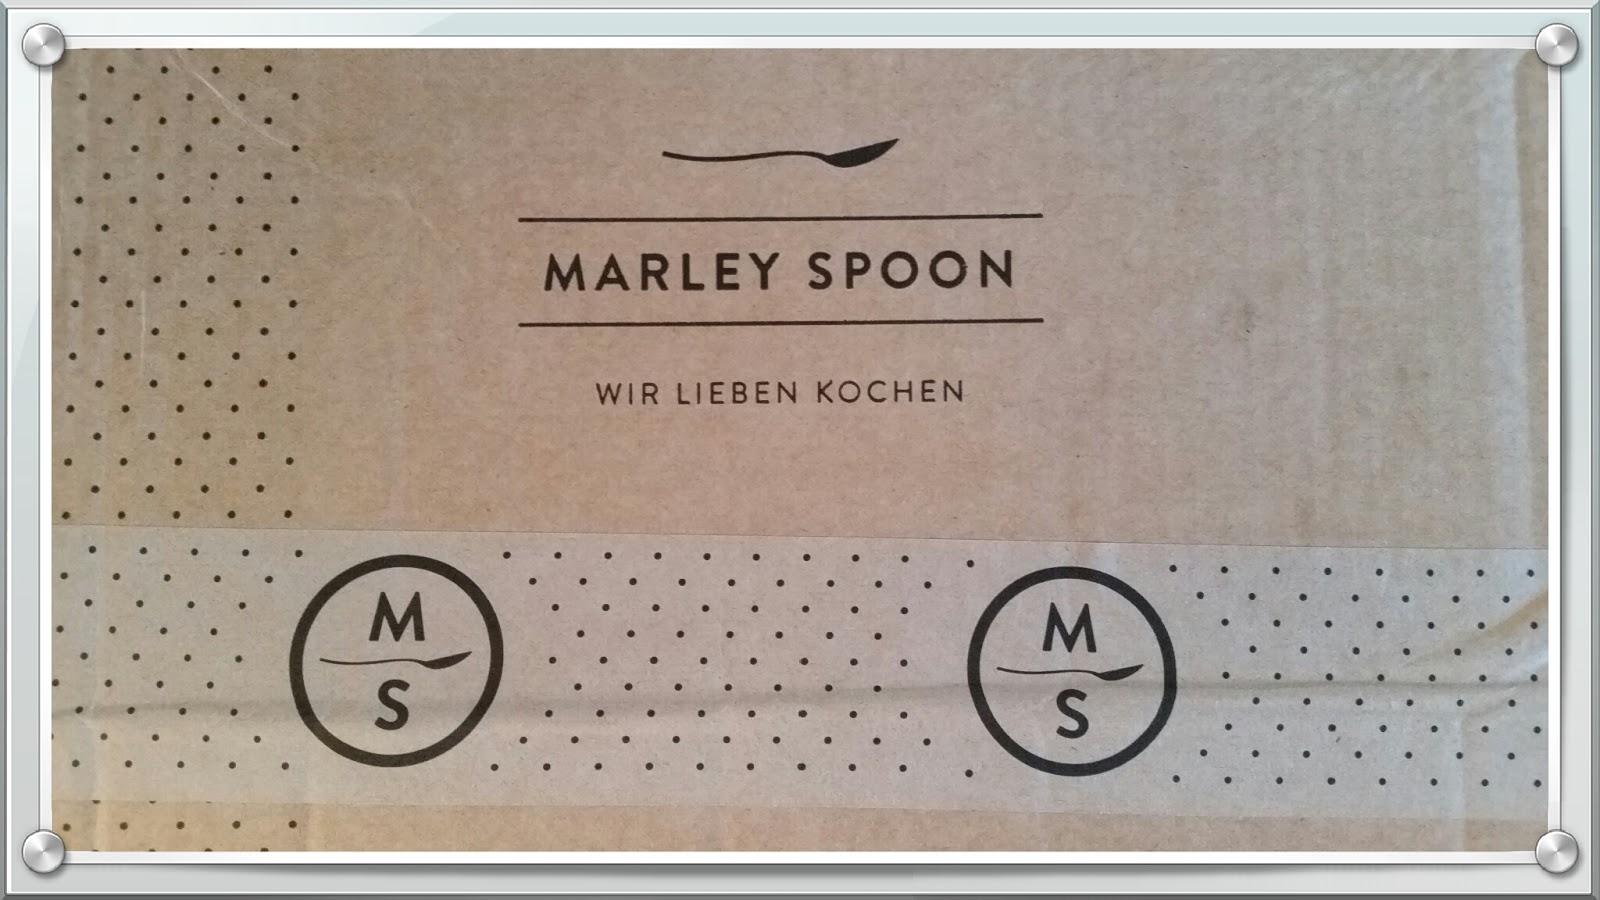 heike 39 s testst bchen marley spoon und ich bin der chef am. Black Bedroom Furniture Sets. Home Design Ideas